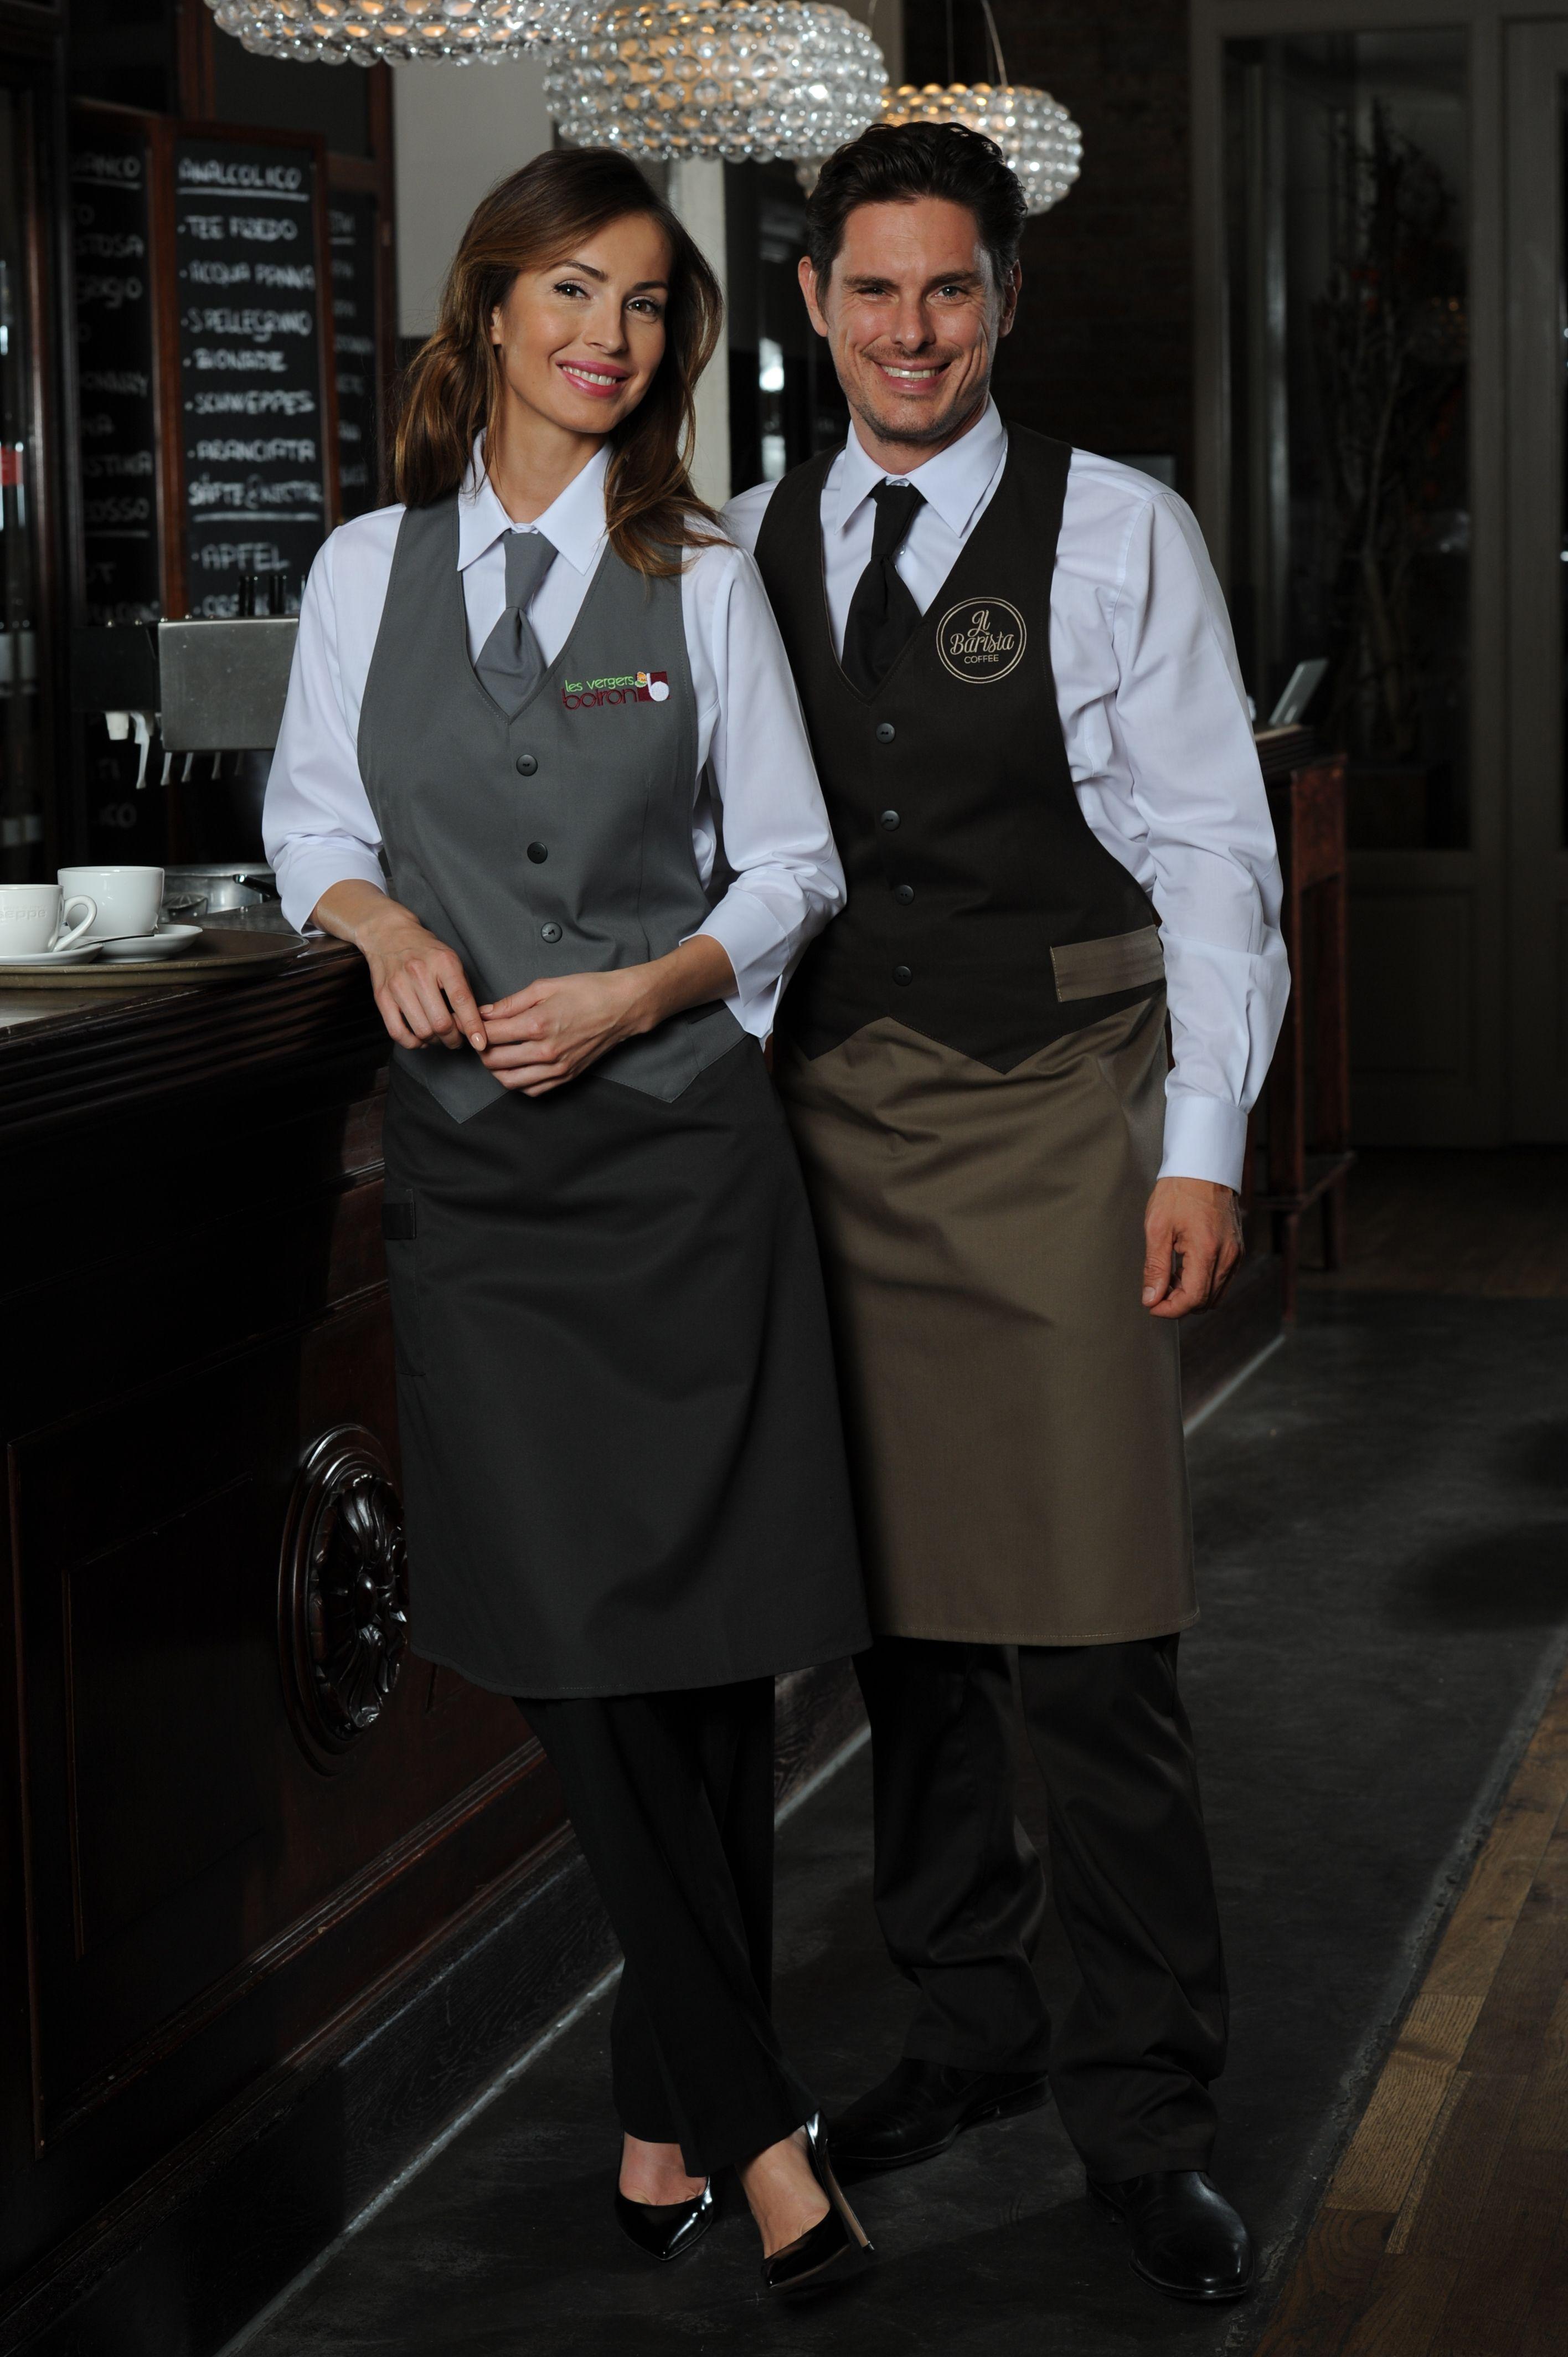 Berufsbekleidung Küche Damen | Damen Westen Schurze Berkeley Premium Fur Gastronomie Service